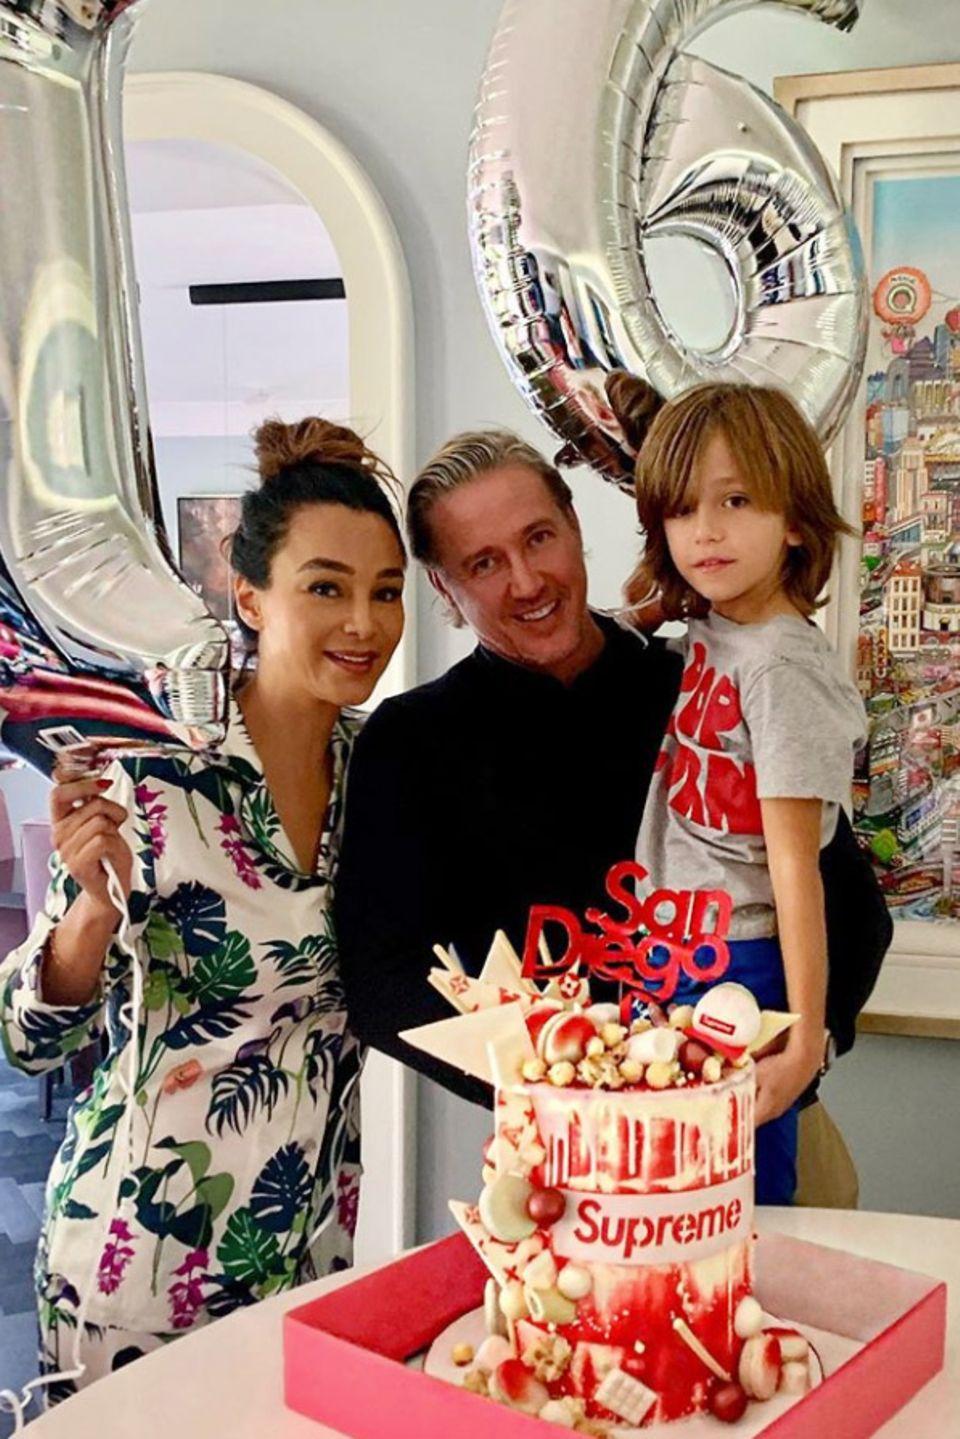 10. September 2019  Gleich gibt's eine Überraschung im Hause Pooth! Zum 16. Geburtstag von Sohn San Diego haben Verona, Franjo und Roccoeine tolle Geburtstagsparty vorbereitet.